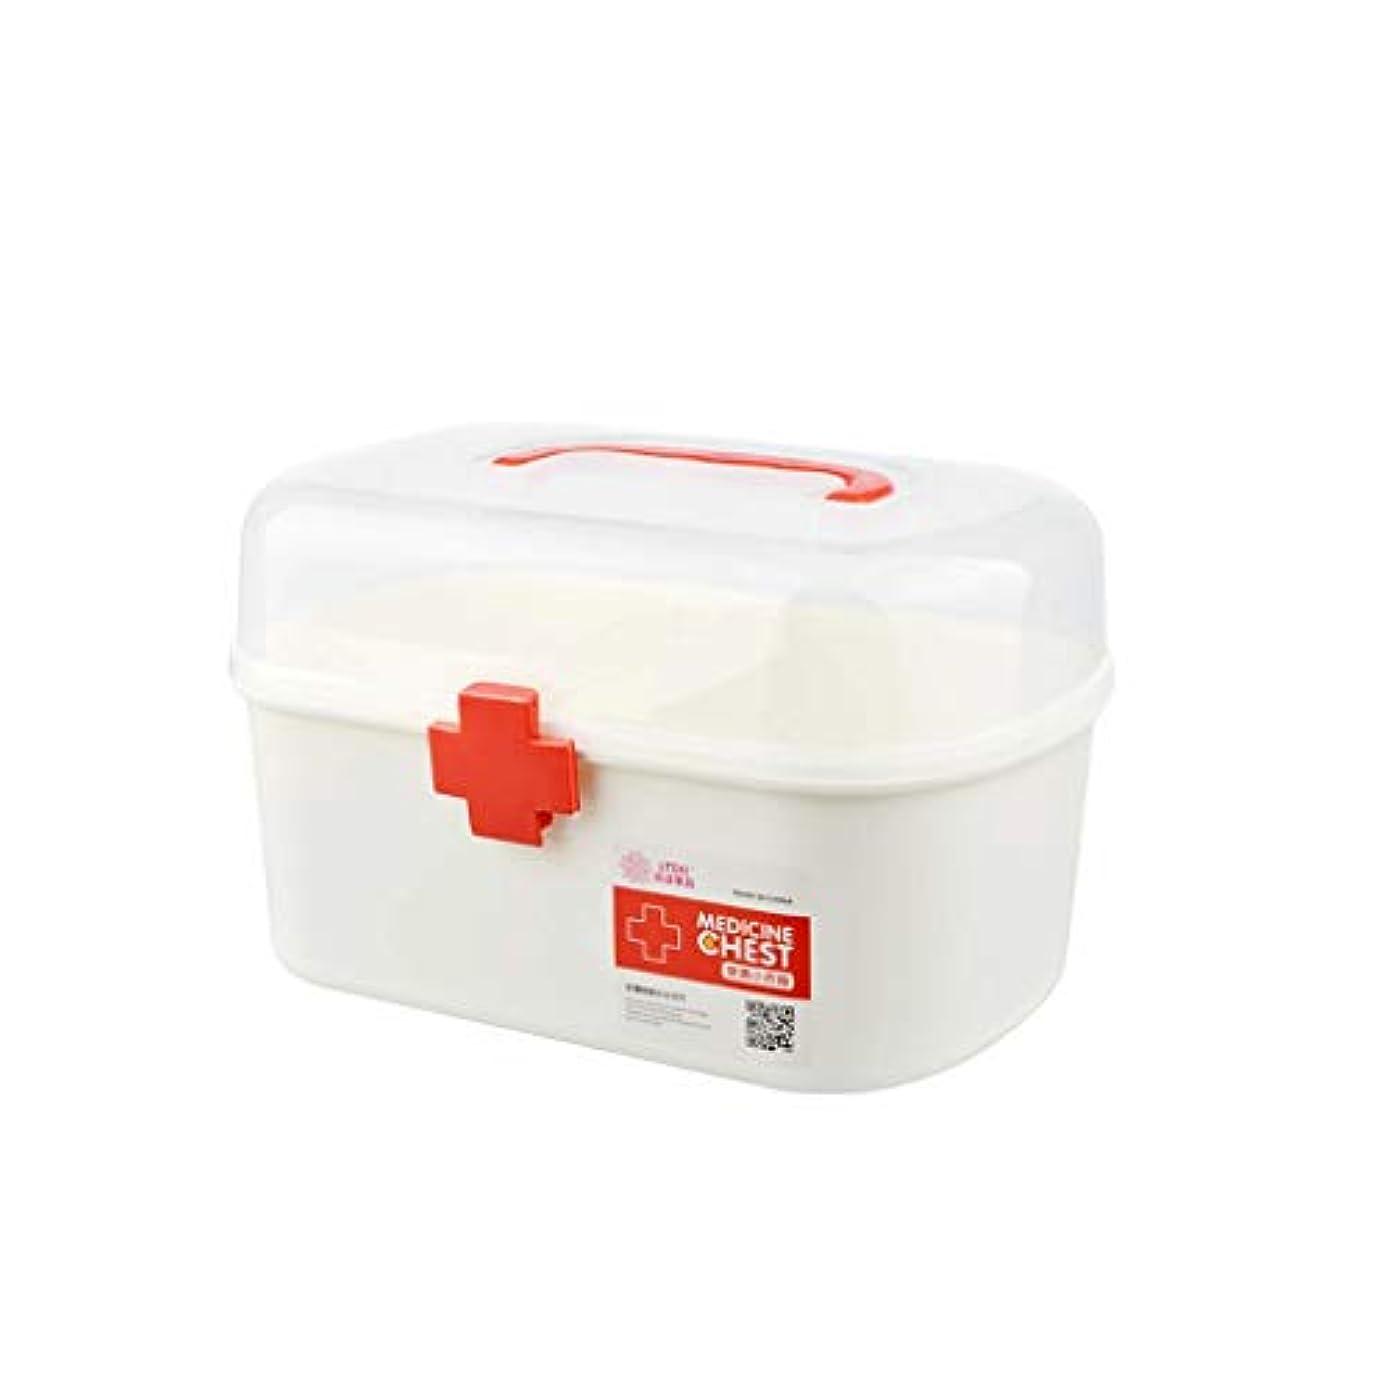 マイルド淡い骨髄IUYWL 家庭用薬箱、プラスチック製の薬箱、携帯用救急箱 (Size : 21cm×15.5cm)